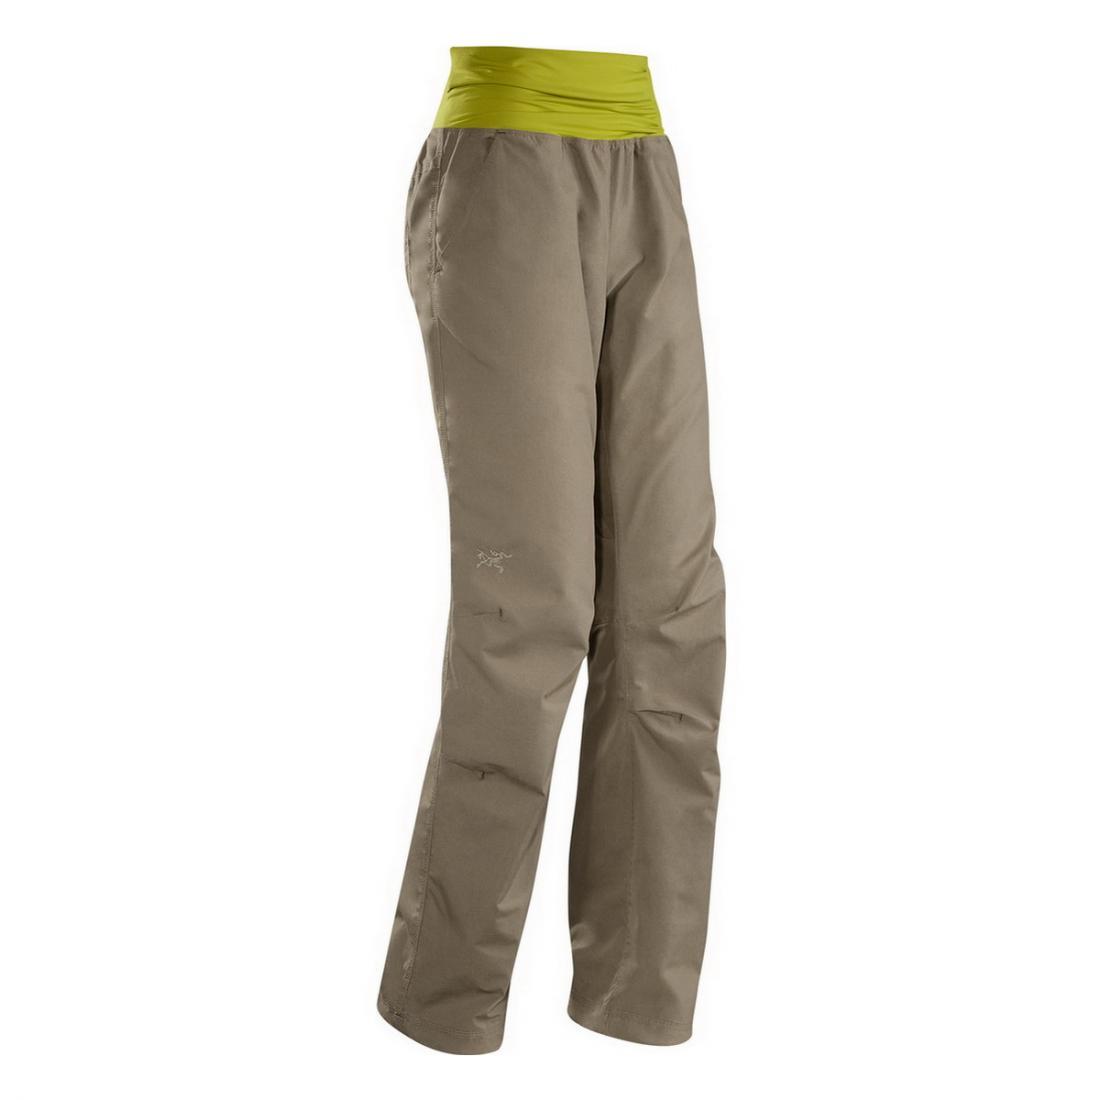 Брюки Emoji Pant жен.Брюки, штаны<br><br><br><br> Emoji Pant– широкие удобные брюки с высоким эластичным поясом. Это женская модель от компании Arcteryx привлекает внимание любительниц ...<br><br>Цвет: Серый<br>Размер: 8